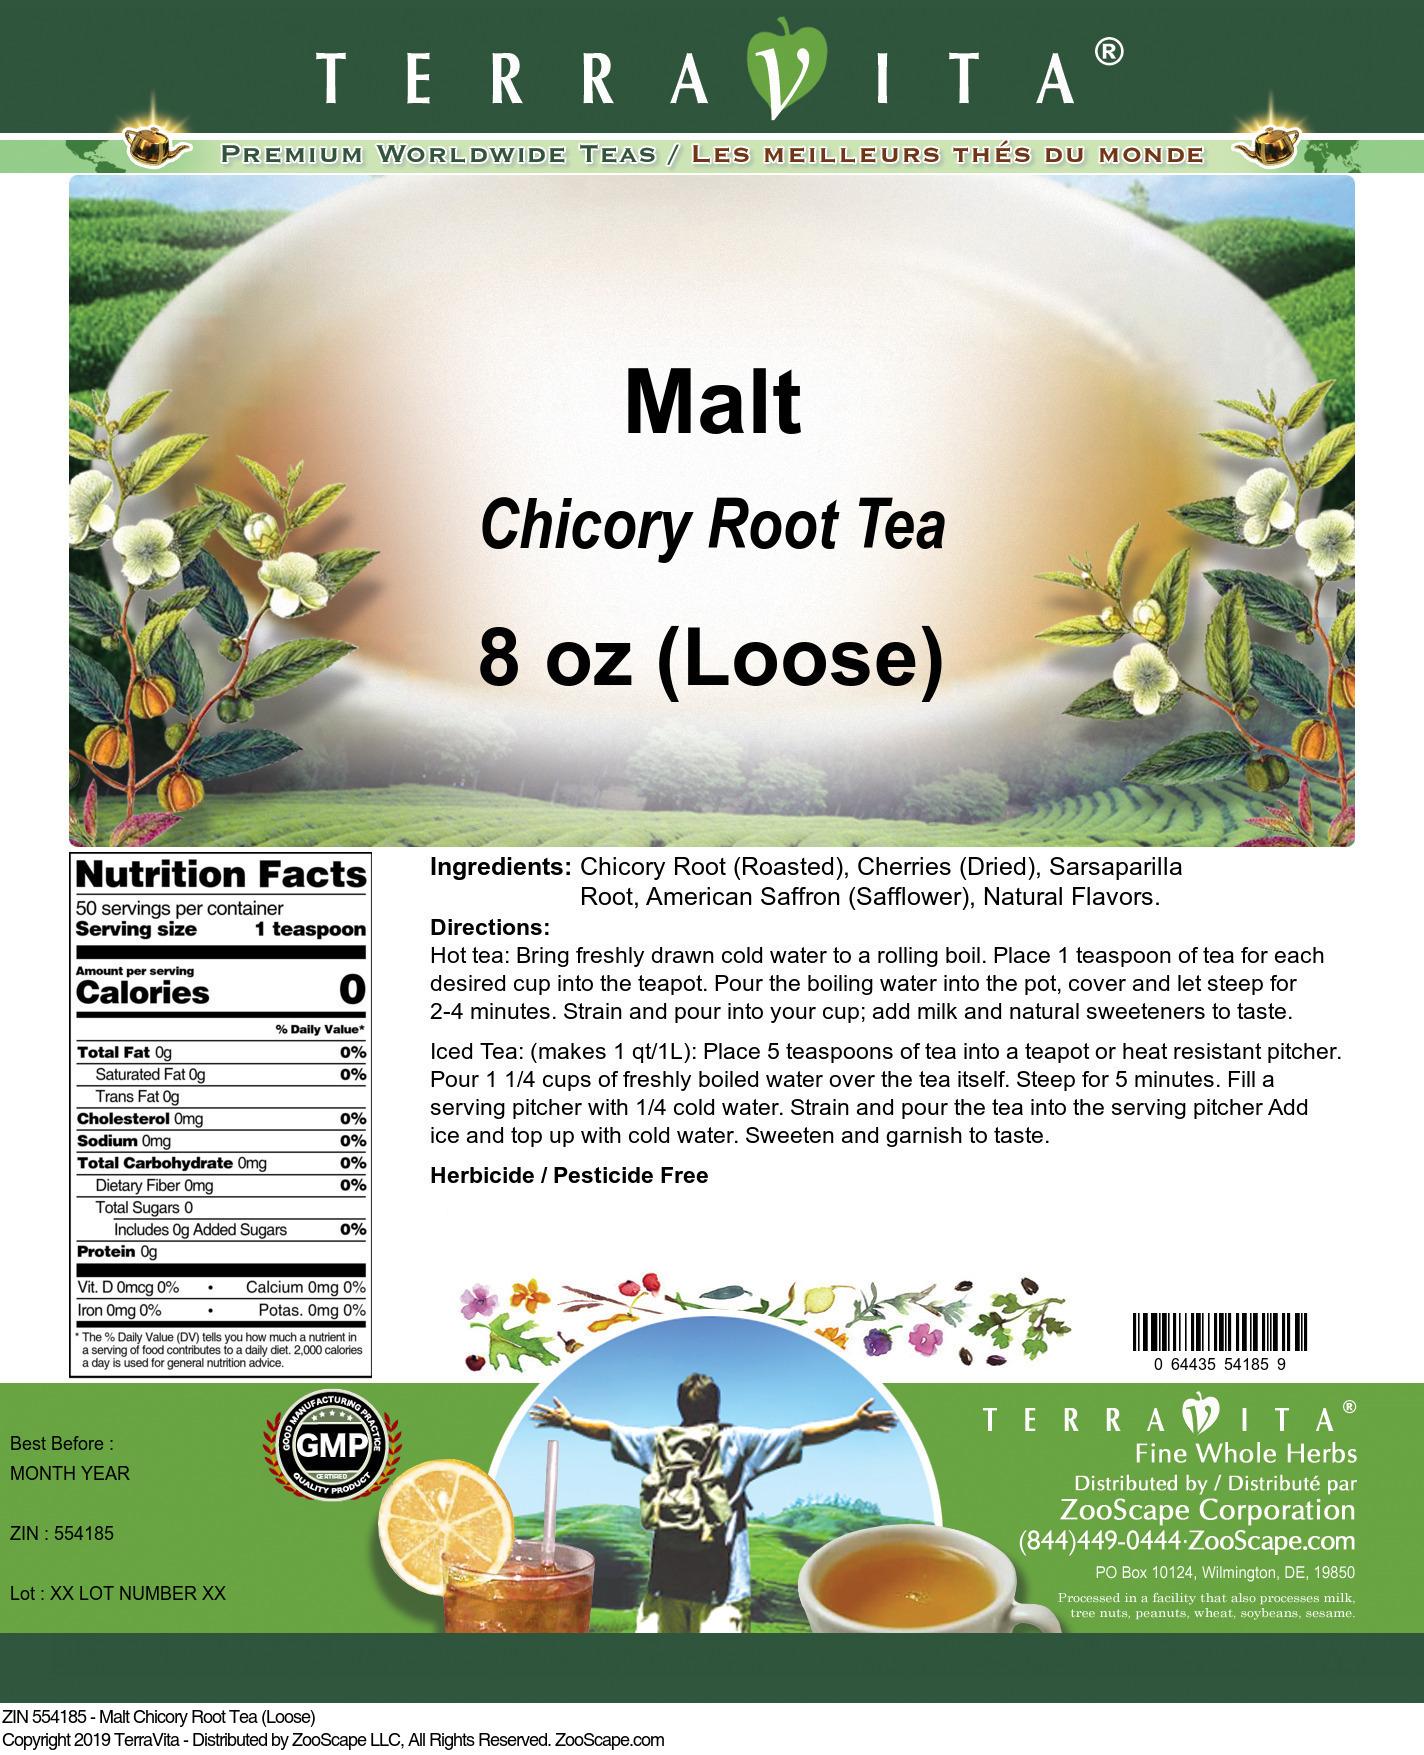 Malt Chicory Root Tea (Loose)